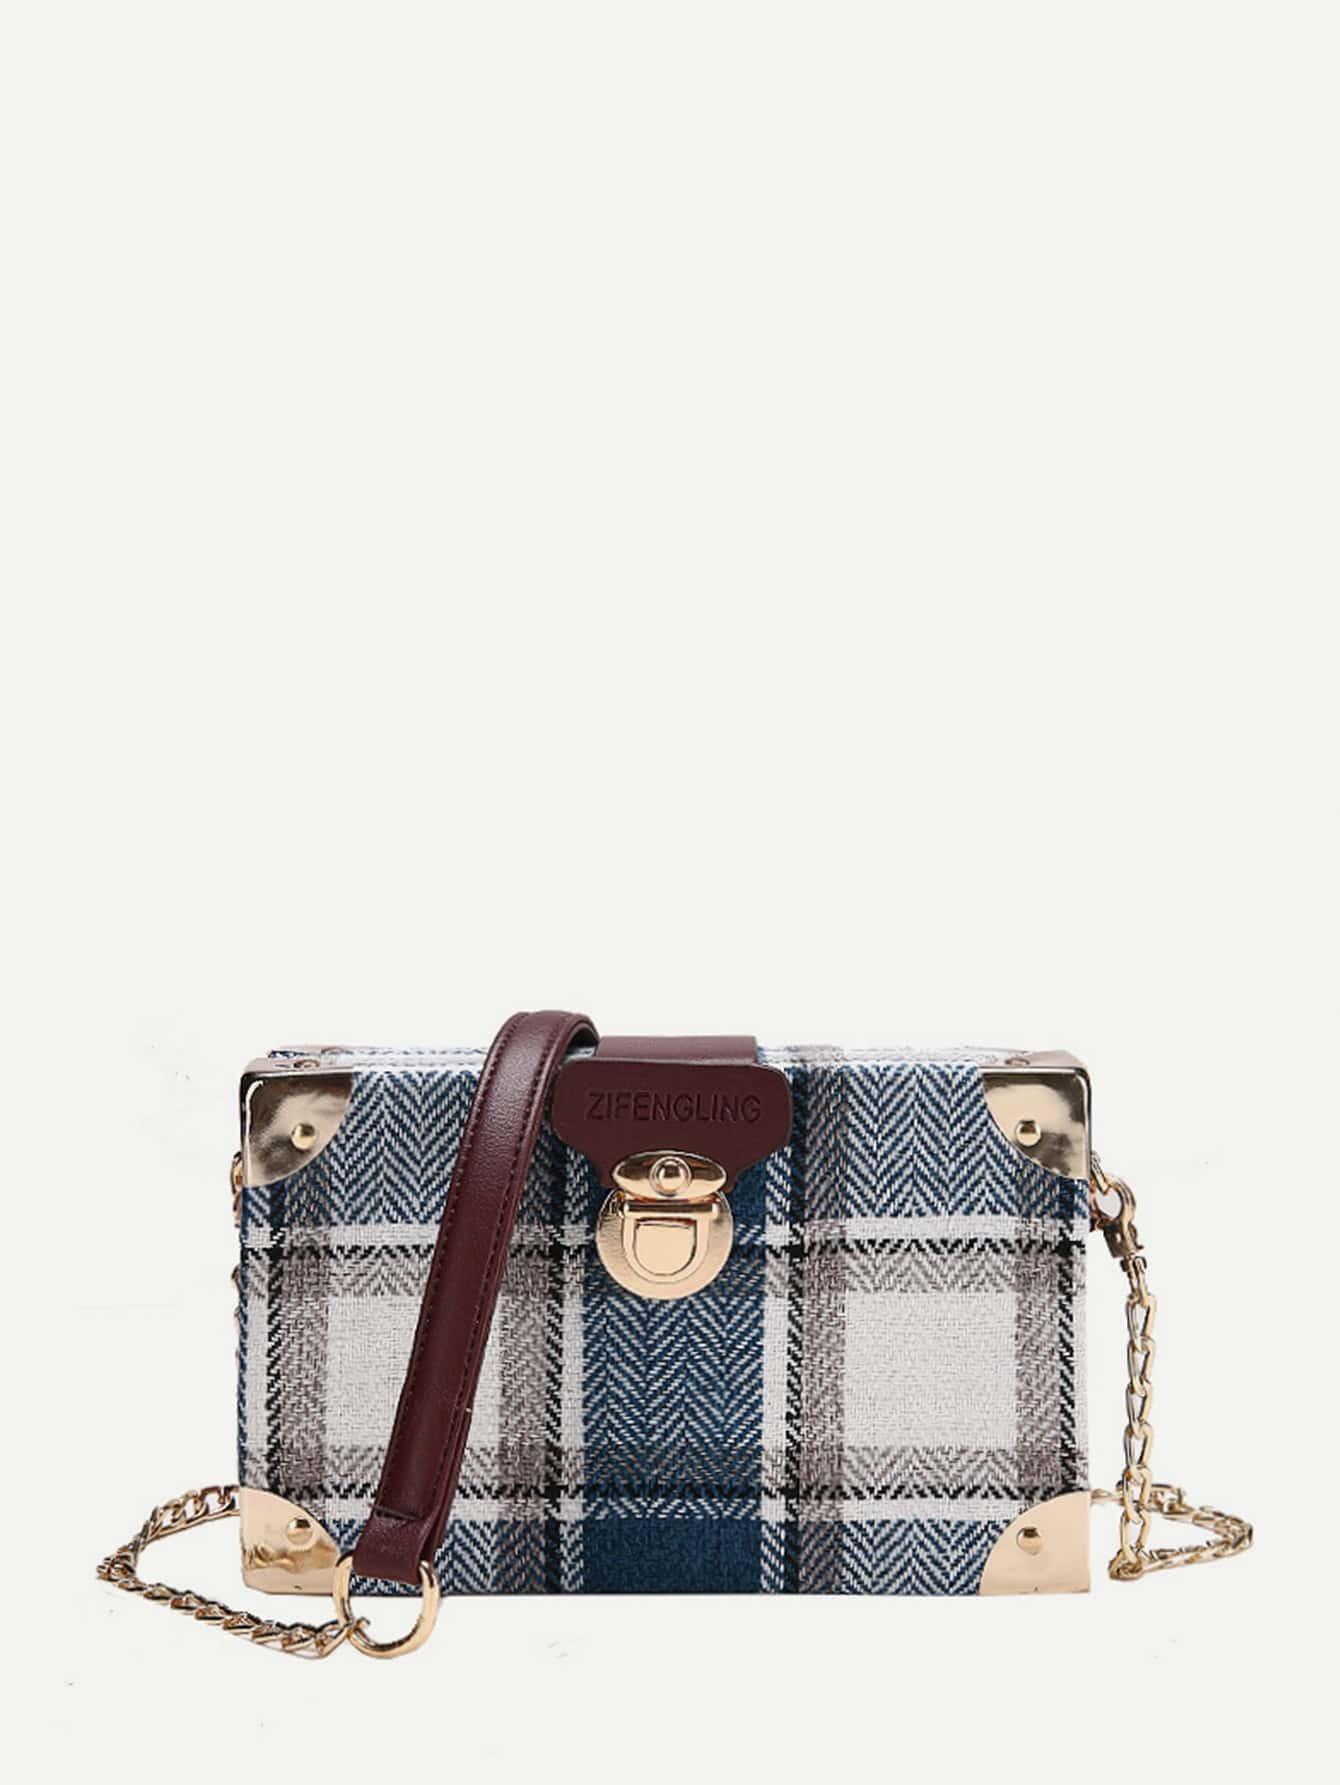 Push Lock Plaid Chain Bag